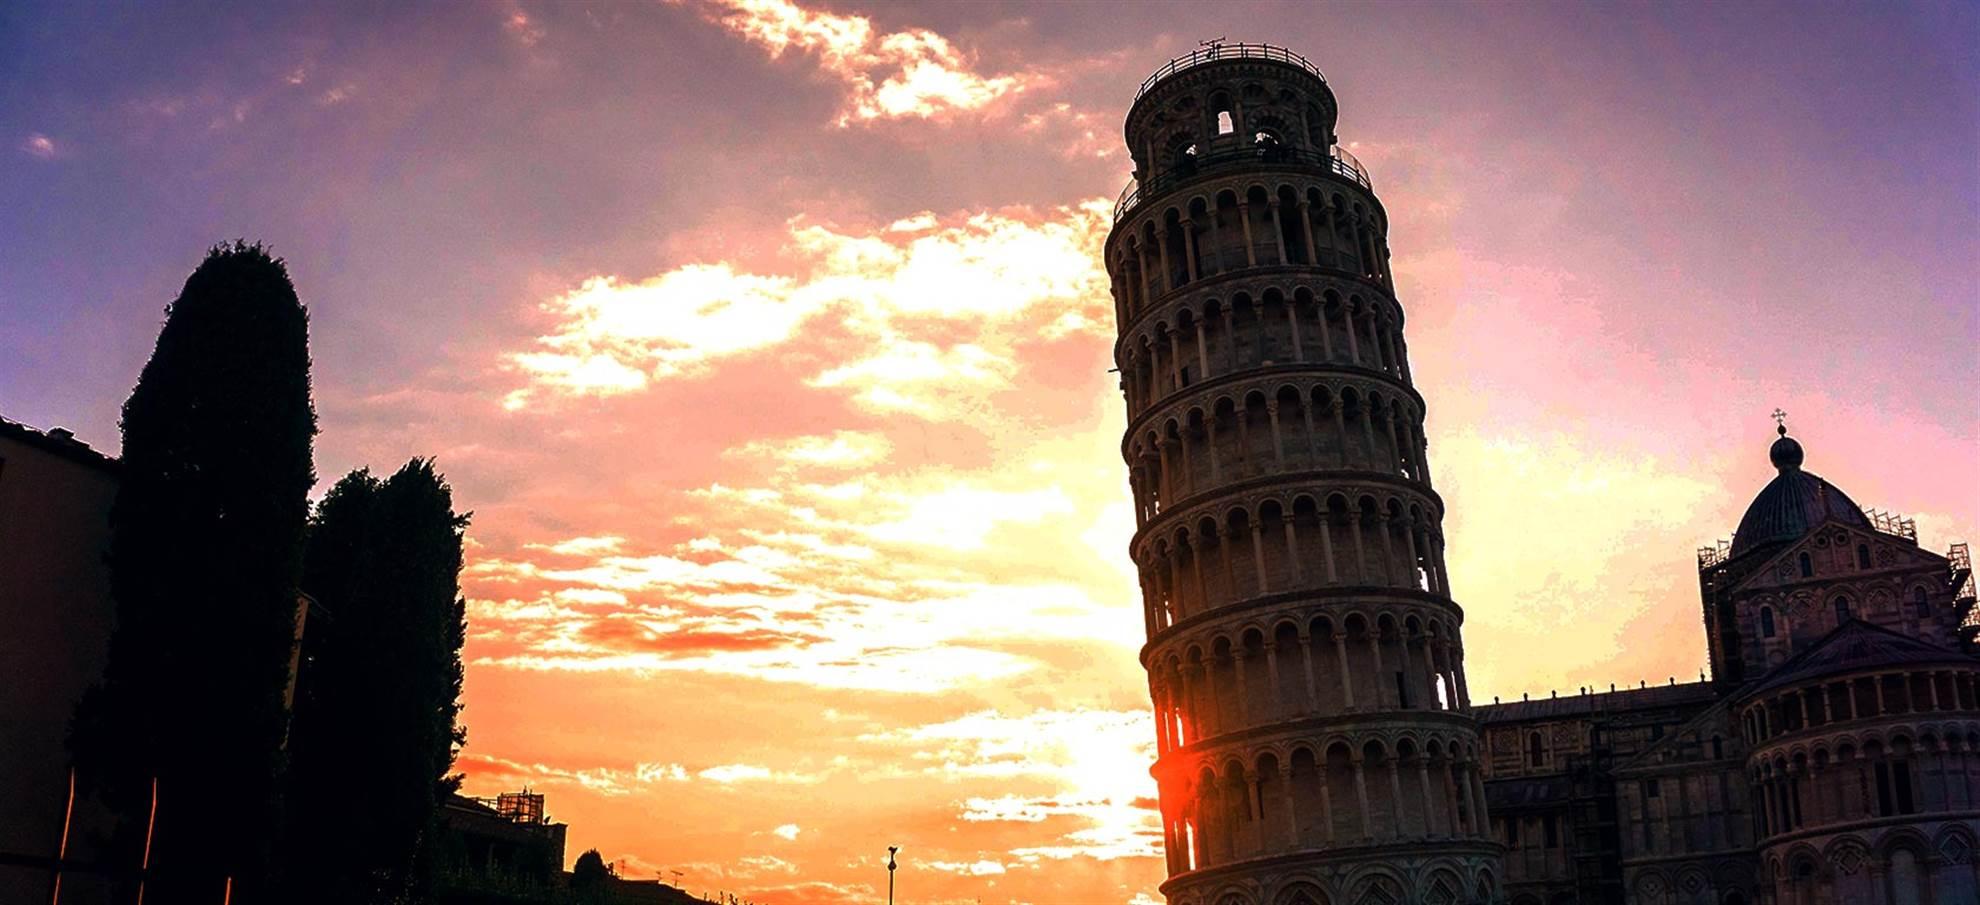 Schiefen Turm von Pisa